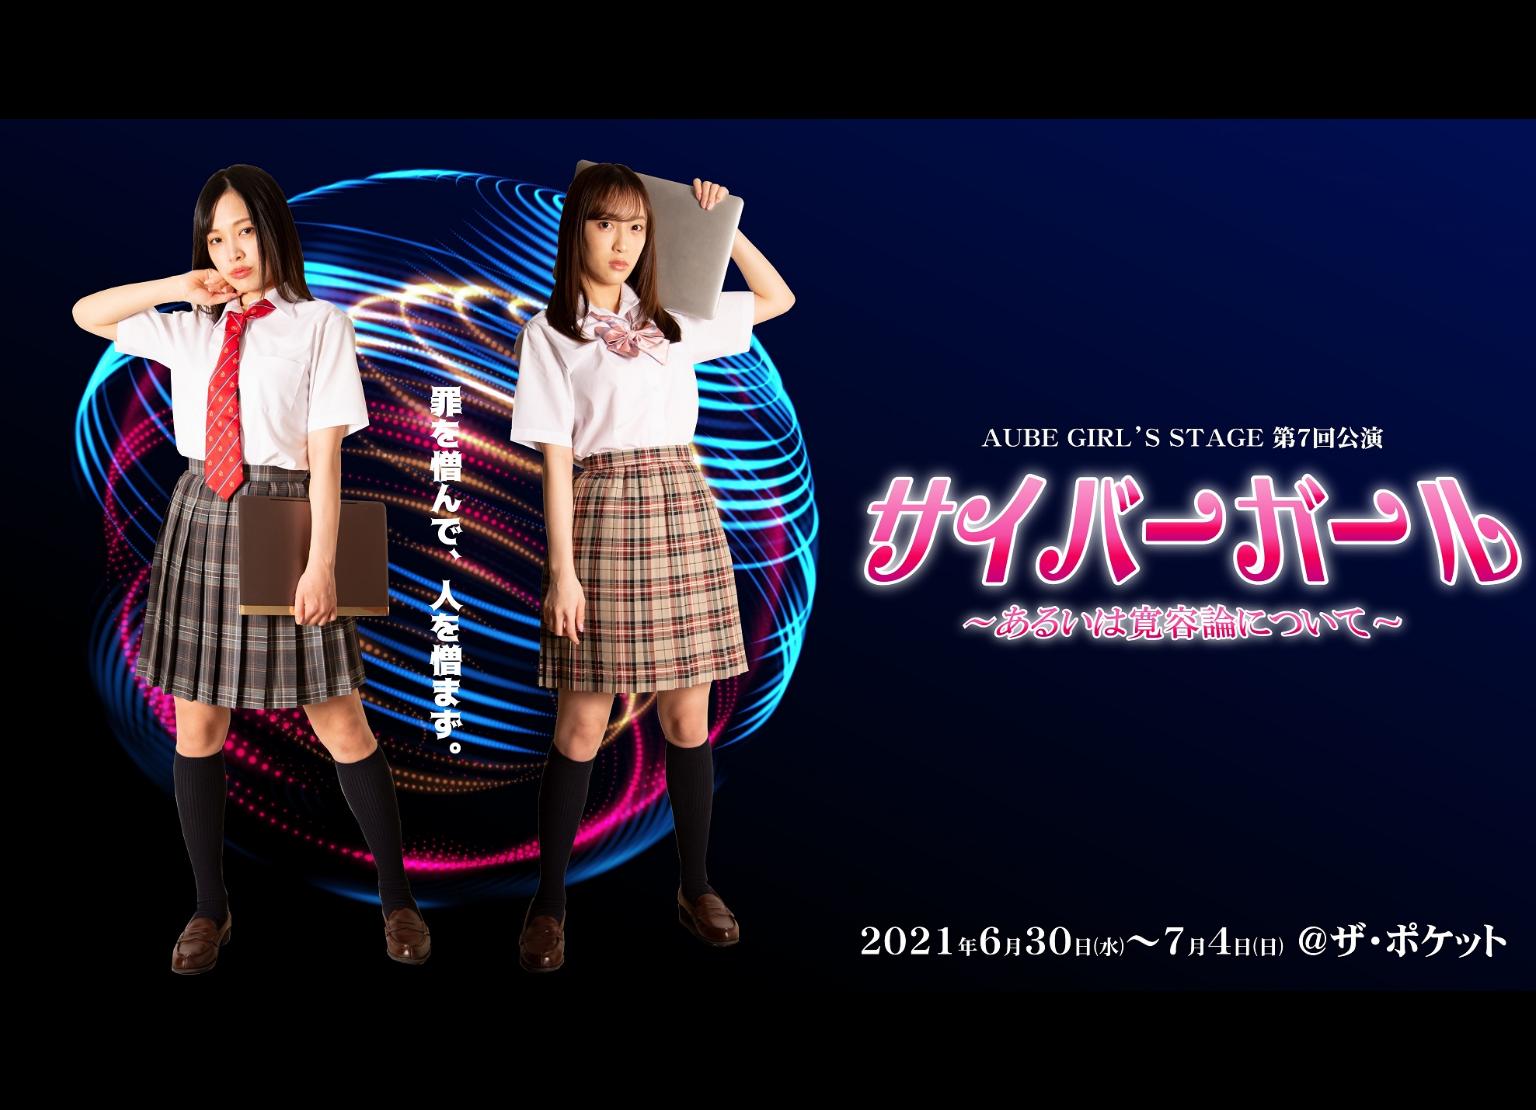 長﨑、雫石、工藤がAUBE GIRL'S STAGE 第7回公演「サイバーガール~あるいは寛容論について」に出演決定!